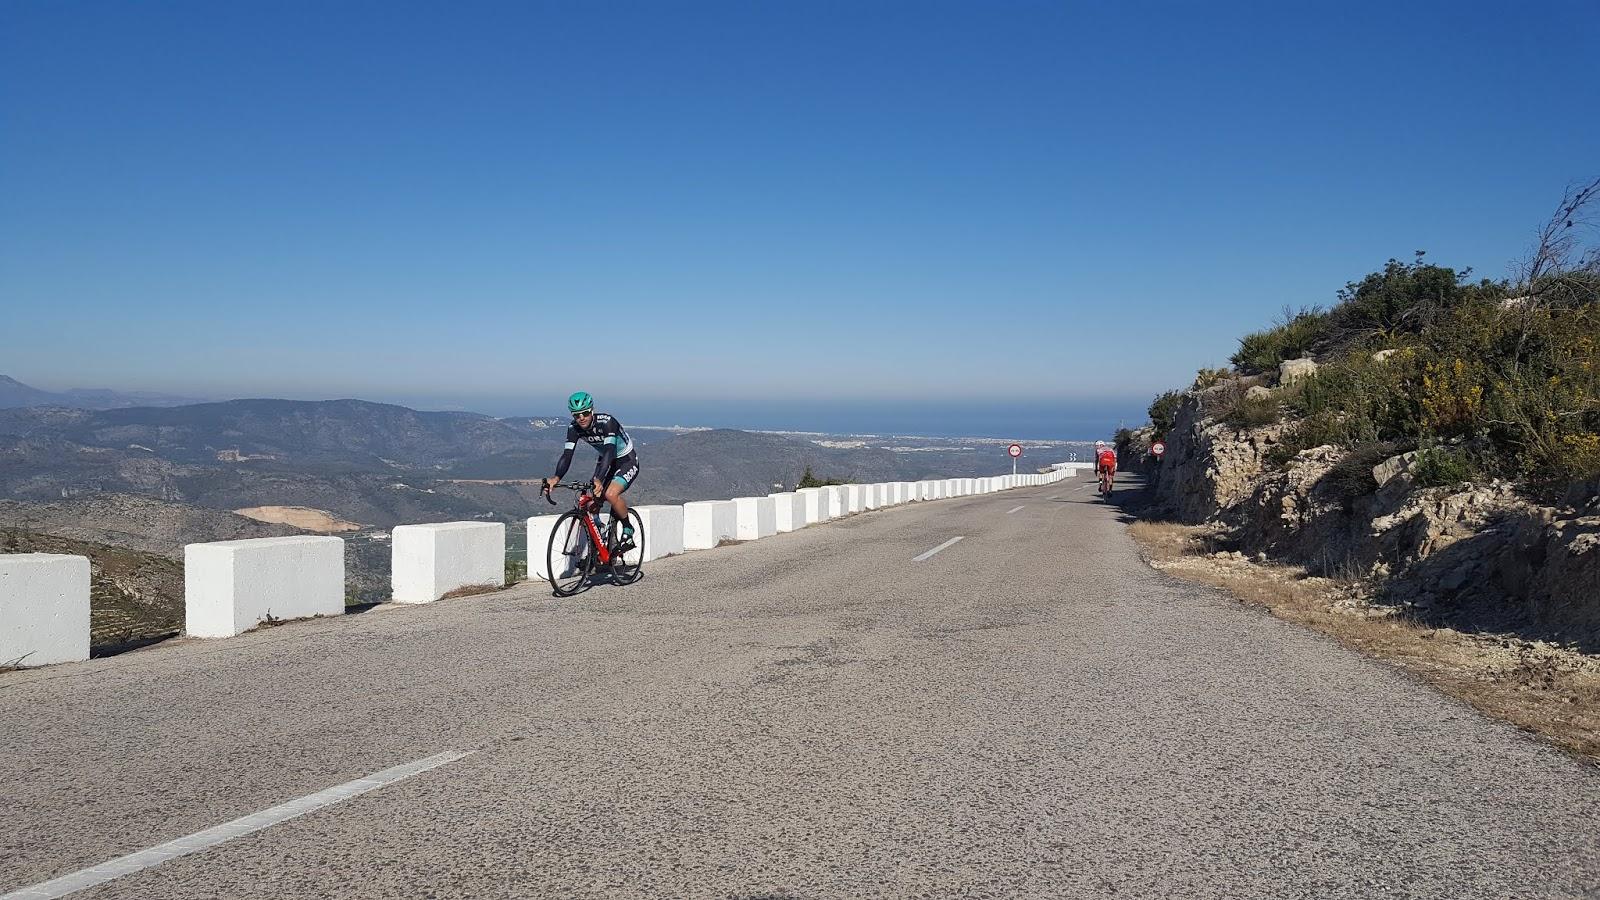 Cyclist climbing Vall d'ebo, Alicante, Spain